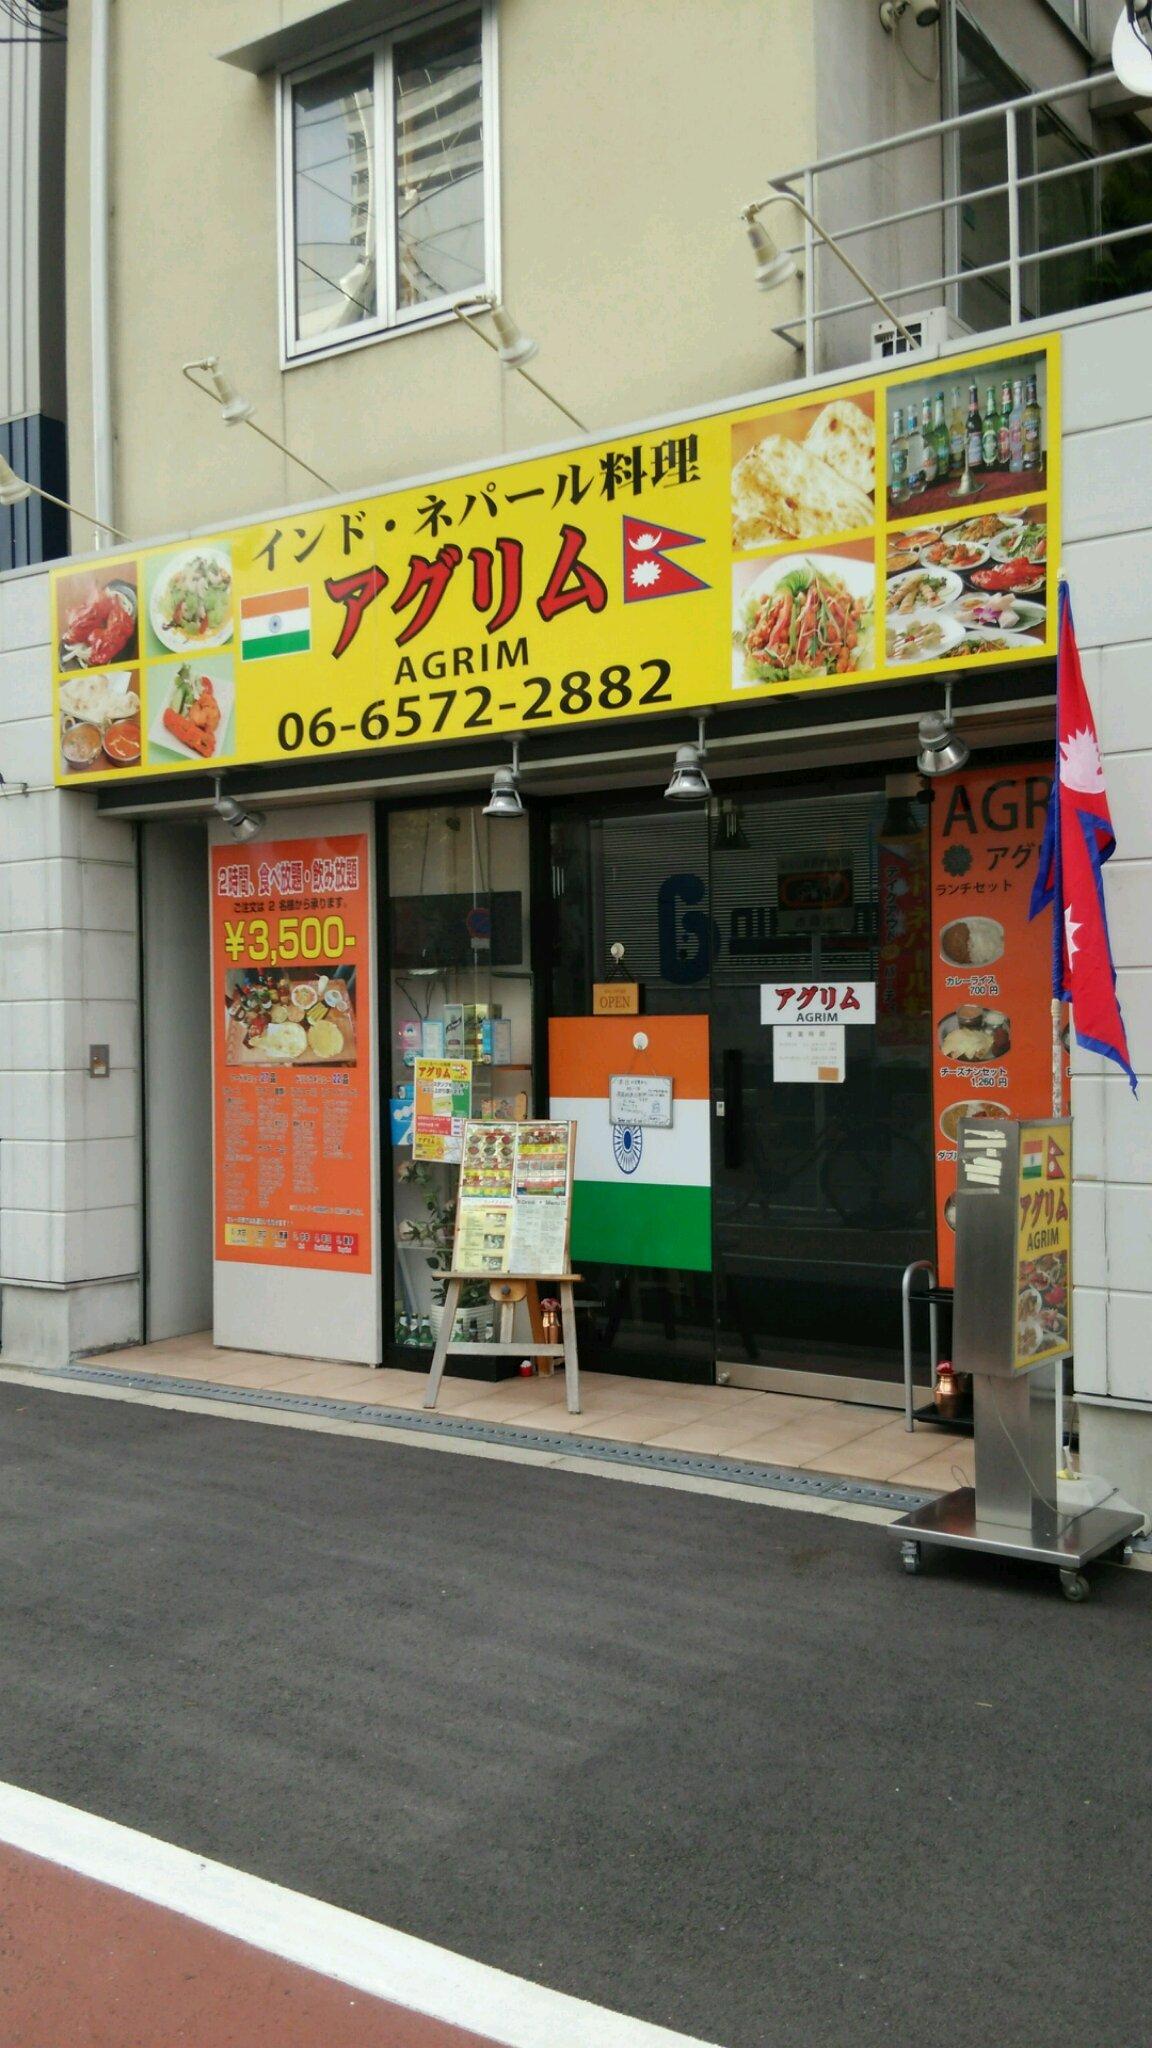 AGRIM 港区弁天町店